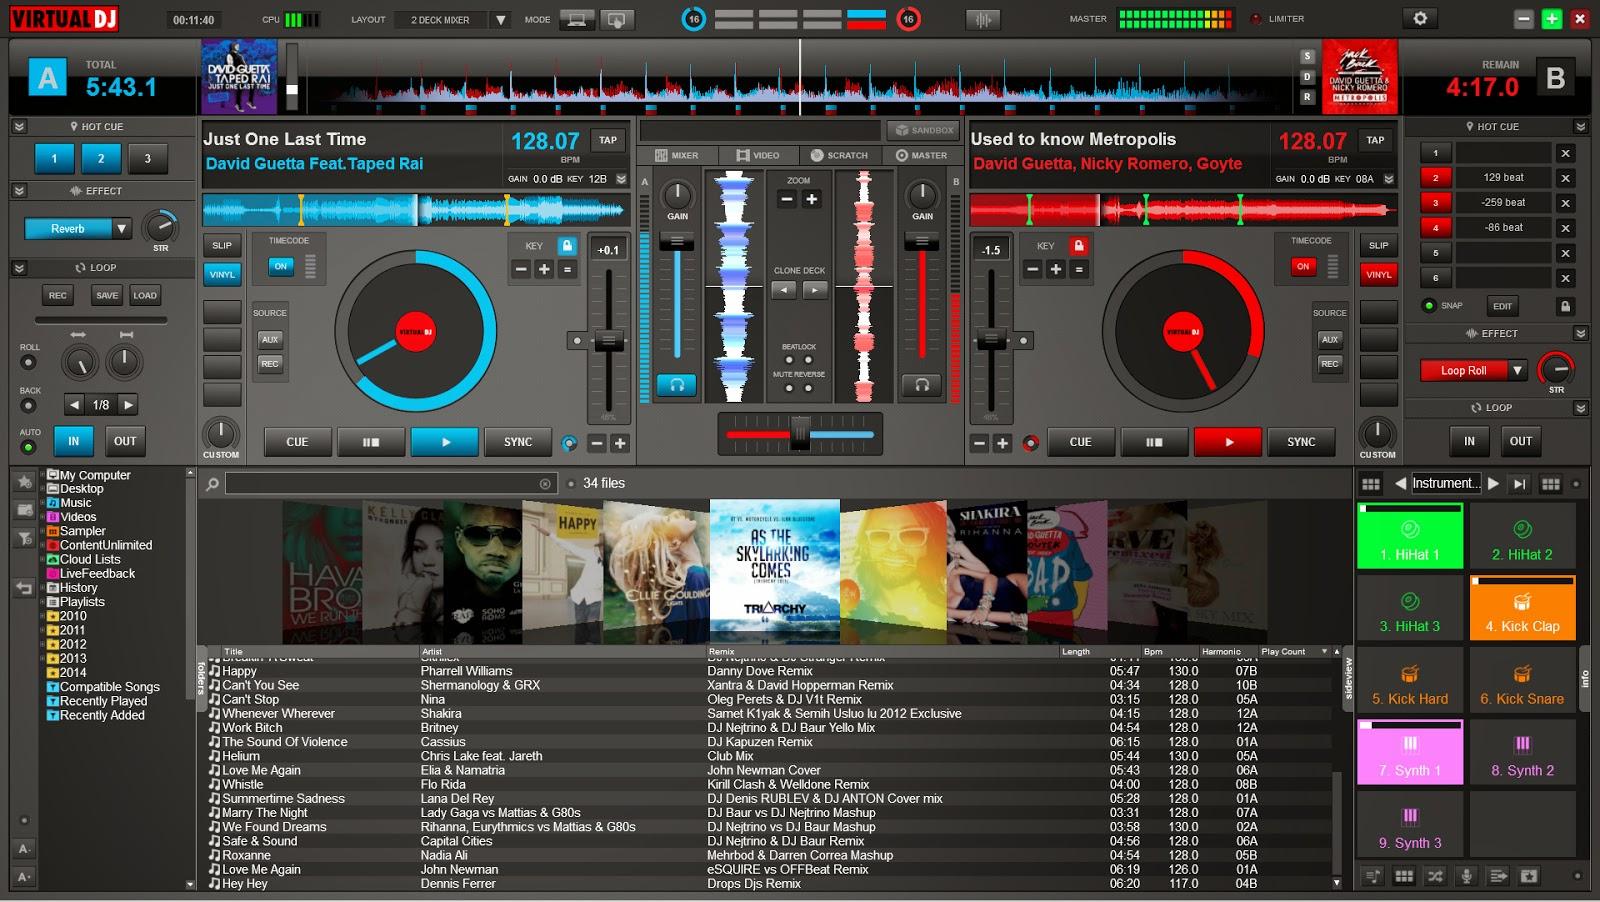 descargar virtual dj pro 8